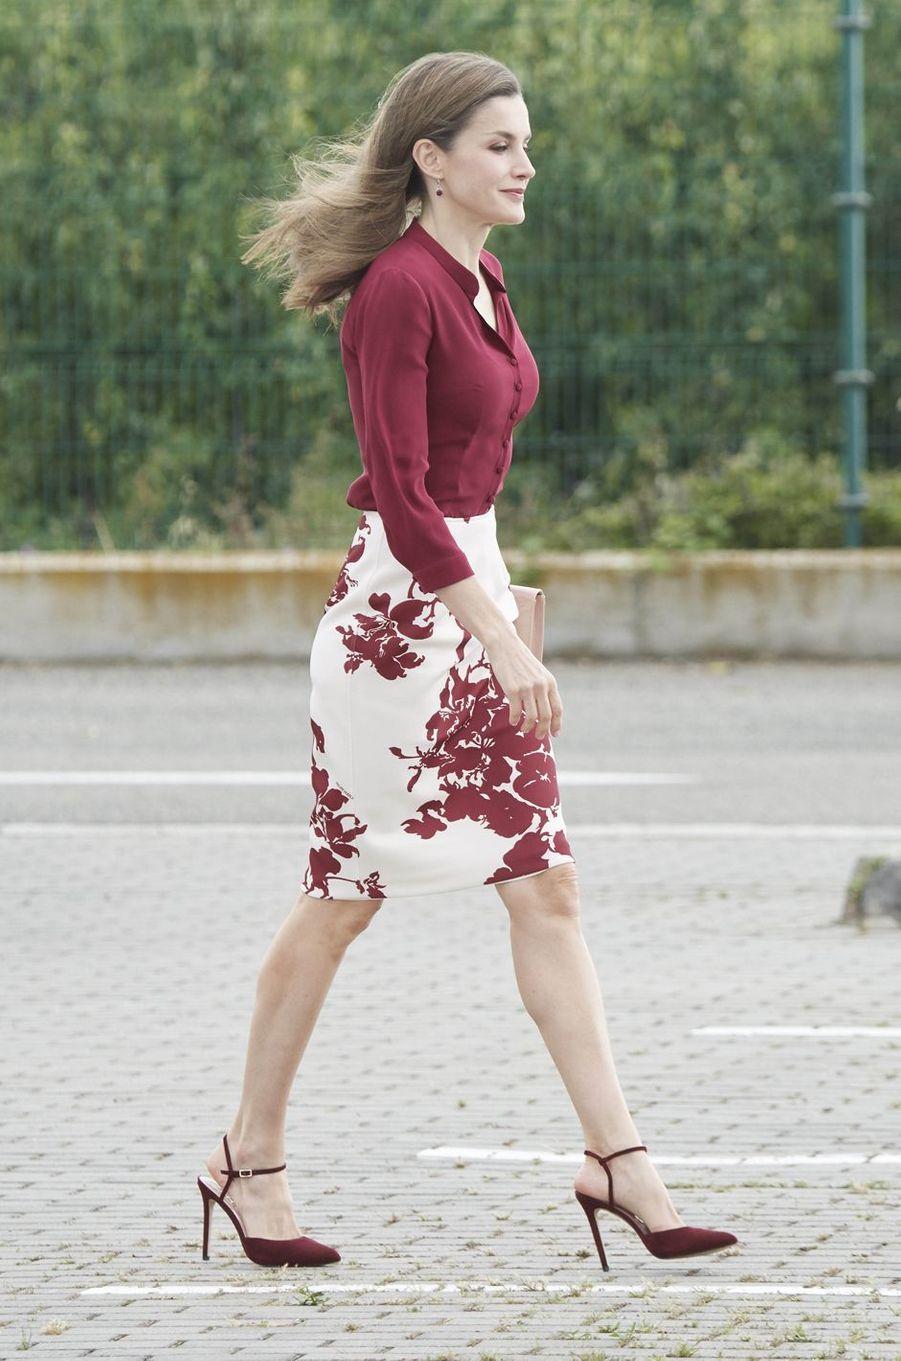 La reine Letizia d'Espagne à San Adrian, le 6 juin 2017